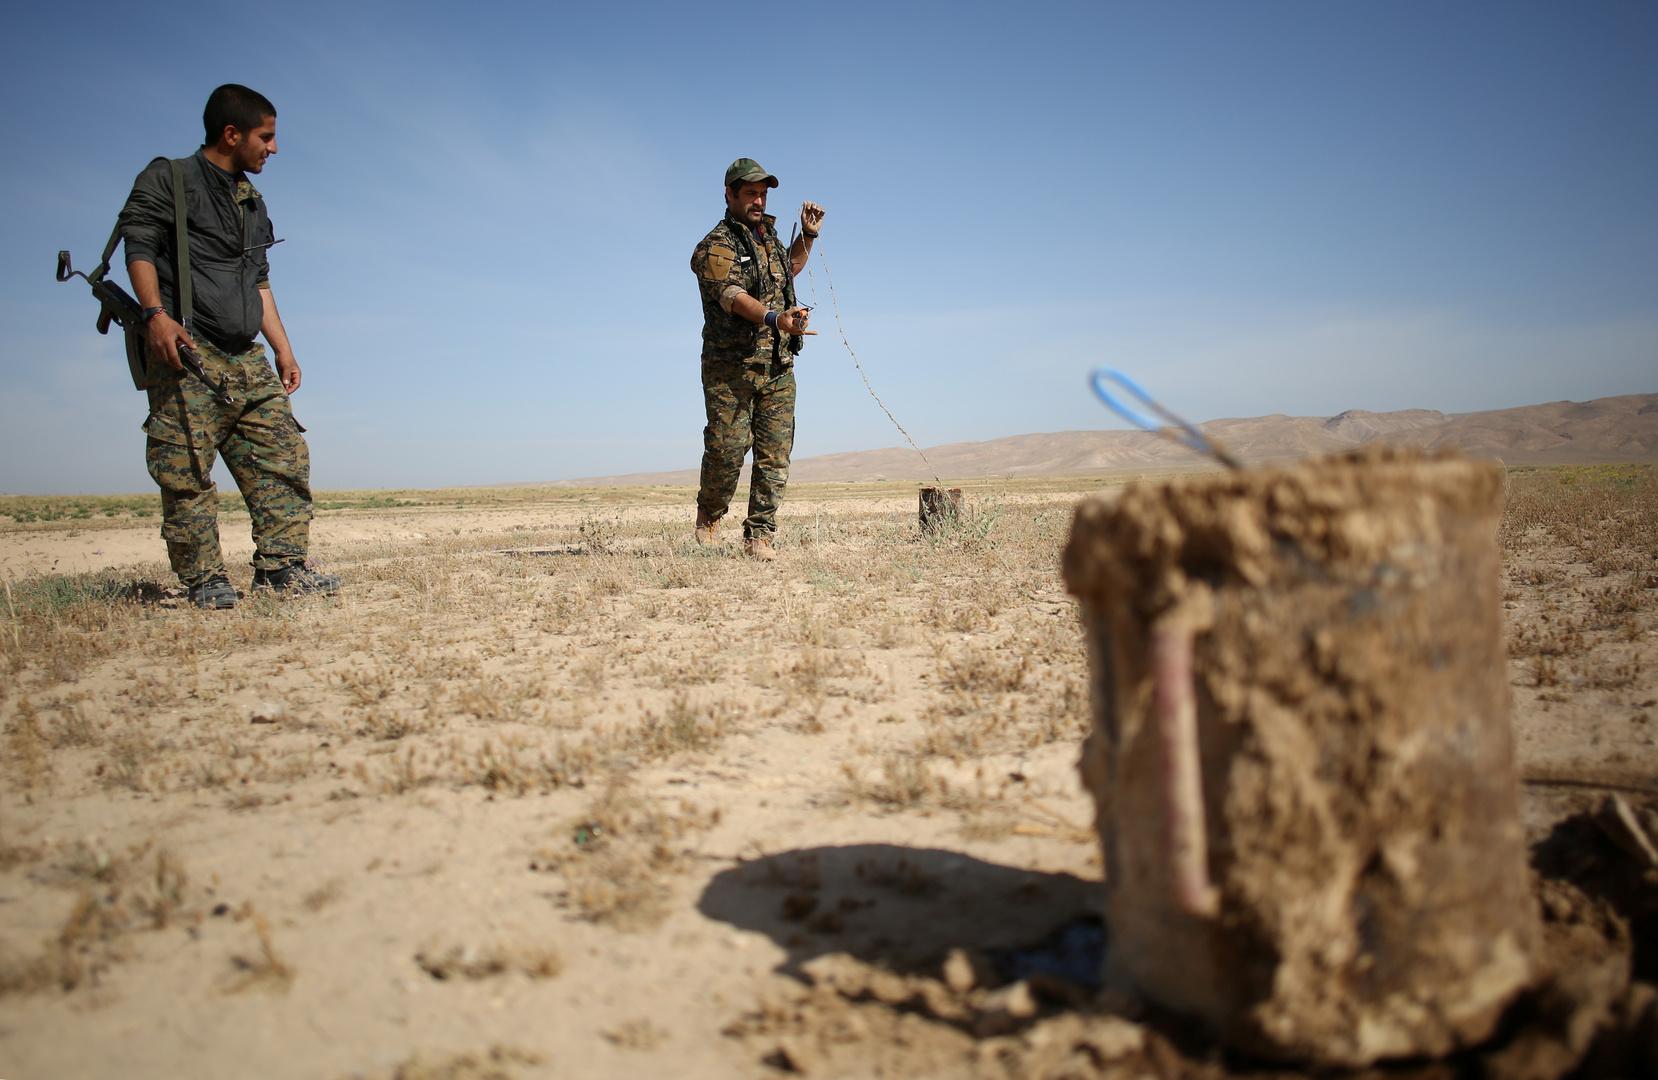 حزب العمال الكردستاني يصدر بيانا بشأن اكتشاف جثث 13 تركيا في شمال العراق